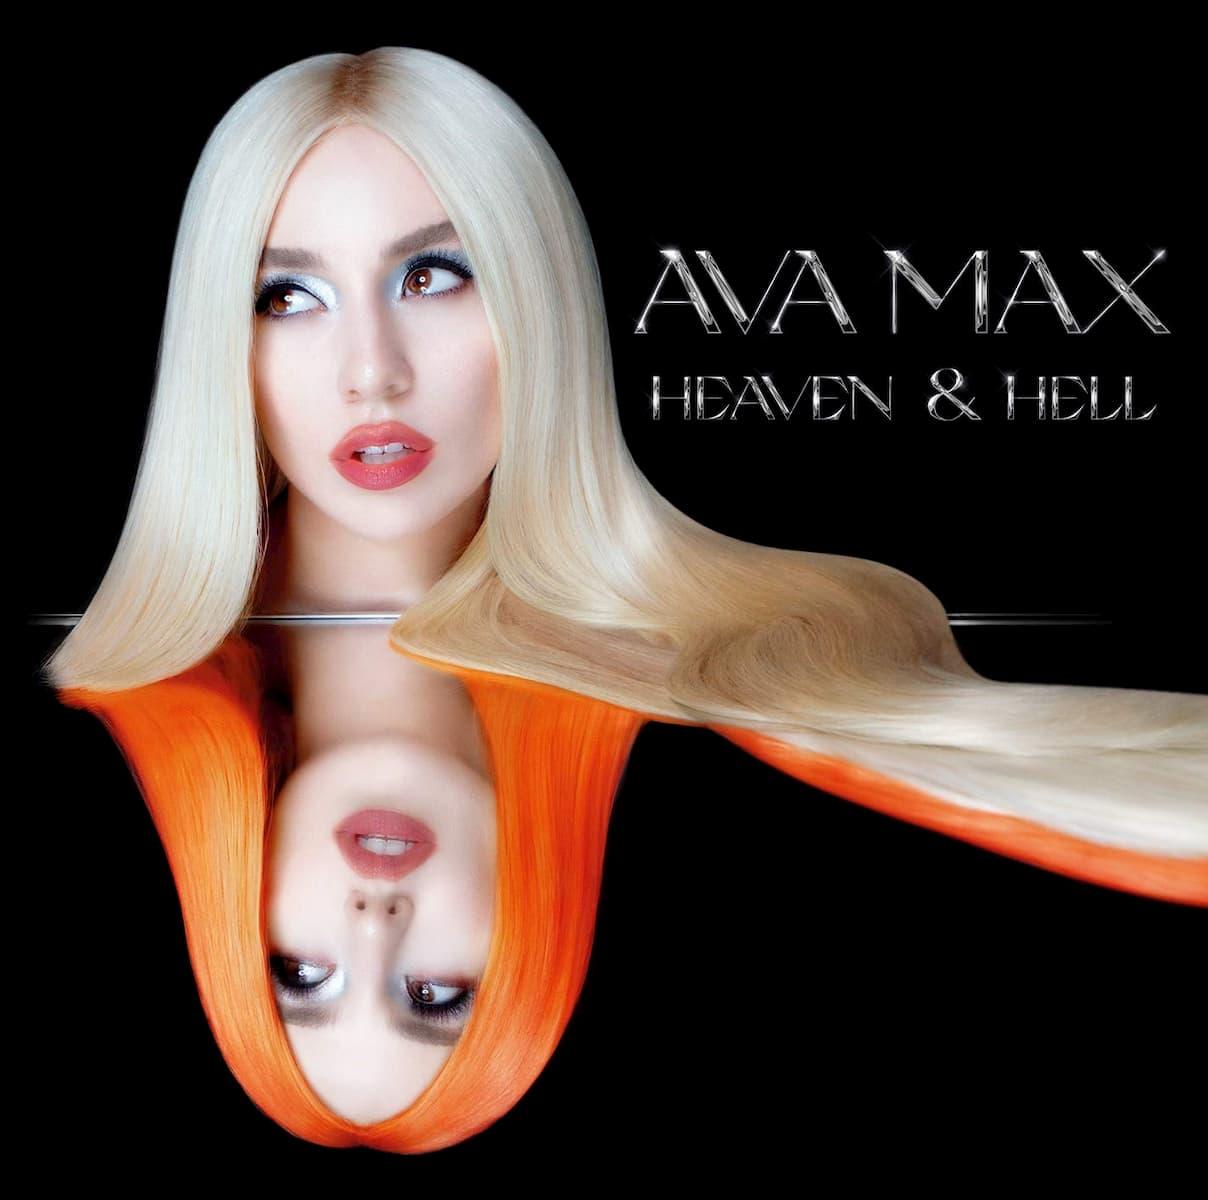 """Ava Max kündigt Album """"Heaven & Hell"""" an"""